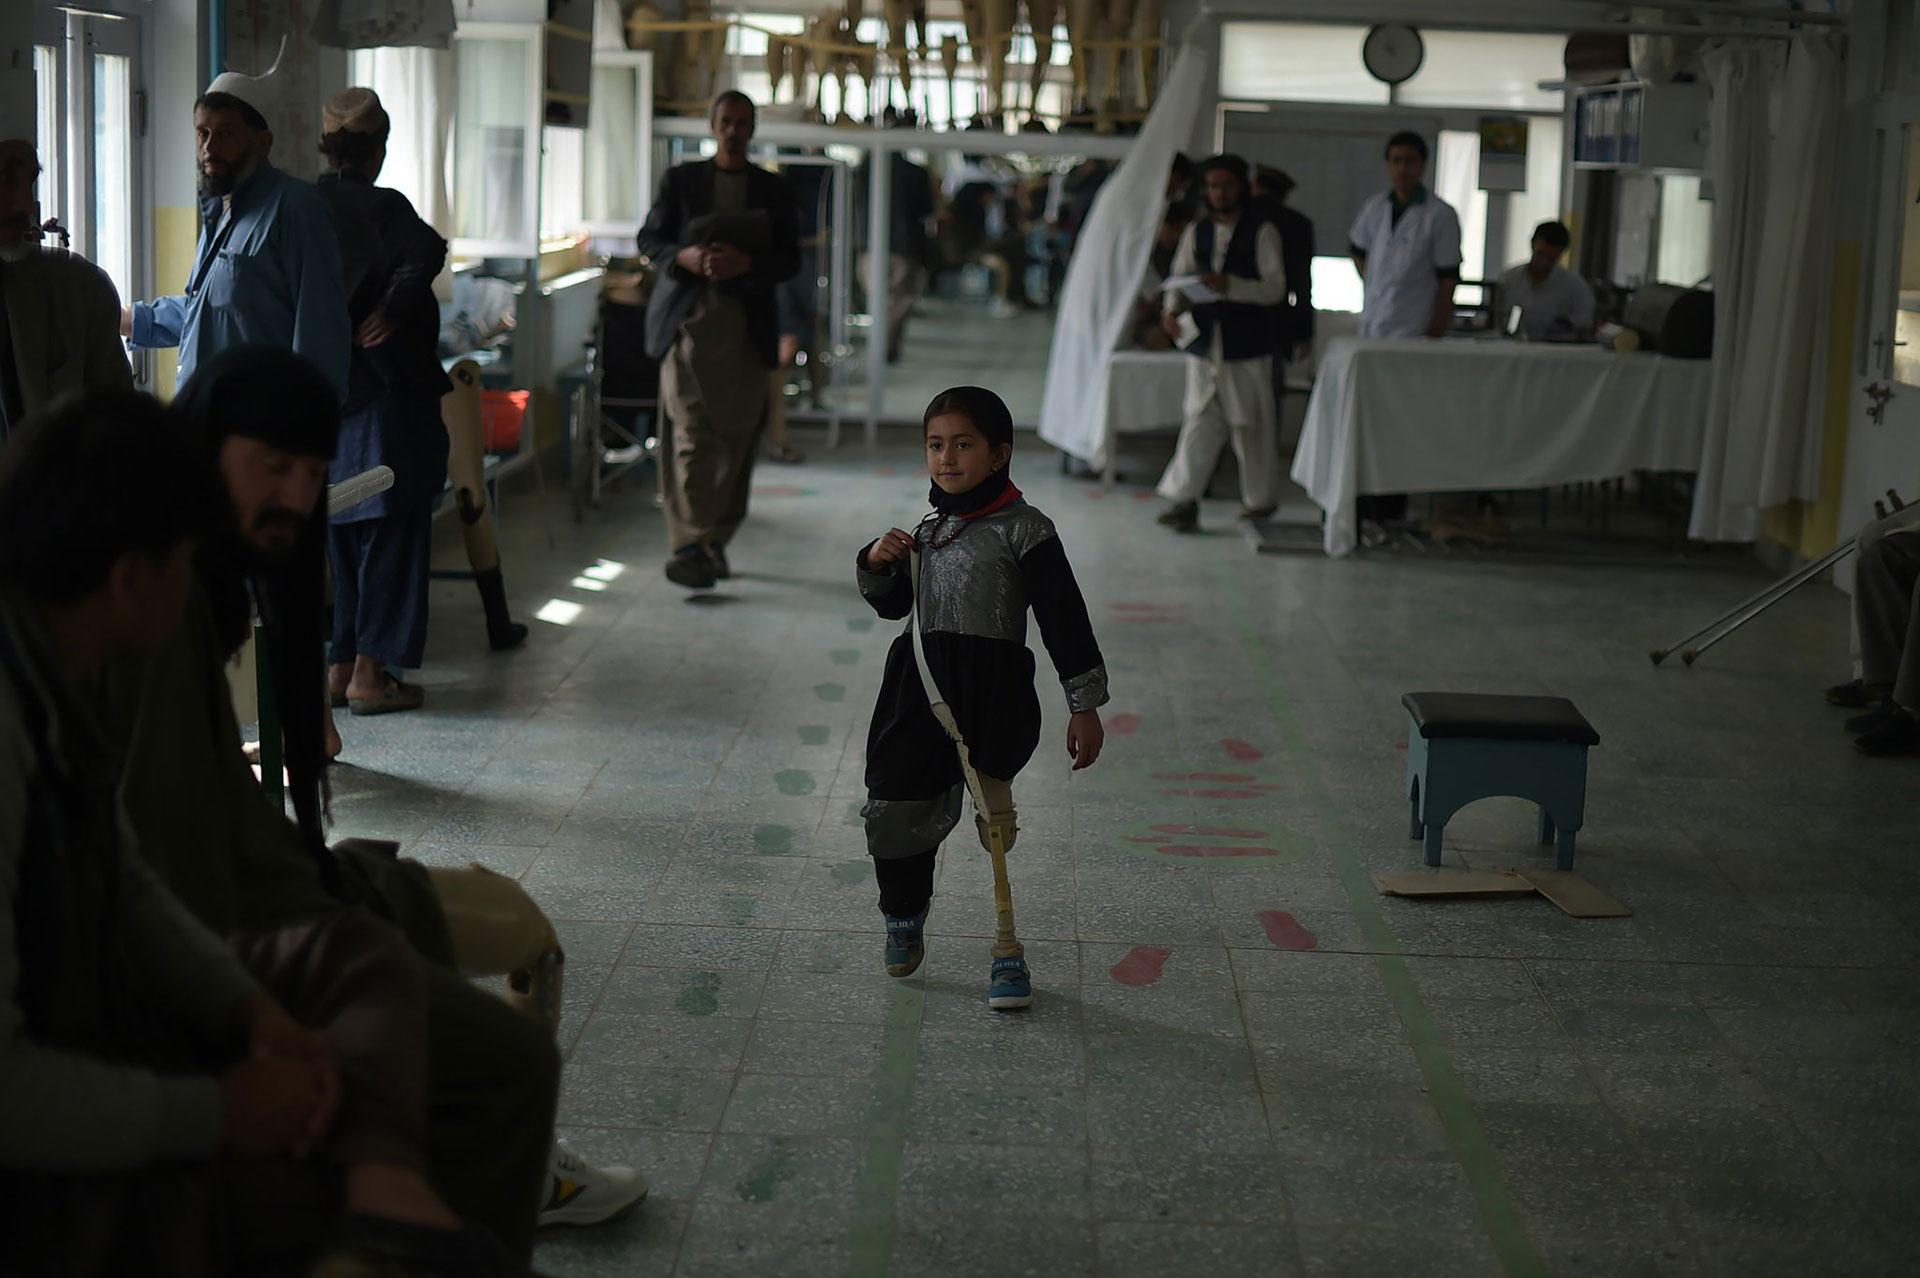 Una niña que sufrió una amputación en 2016 prueba su nueva prótesis, en un hospital de la Cruz Roja en Kabul AFP)